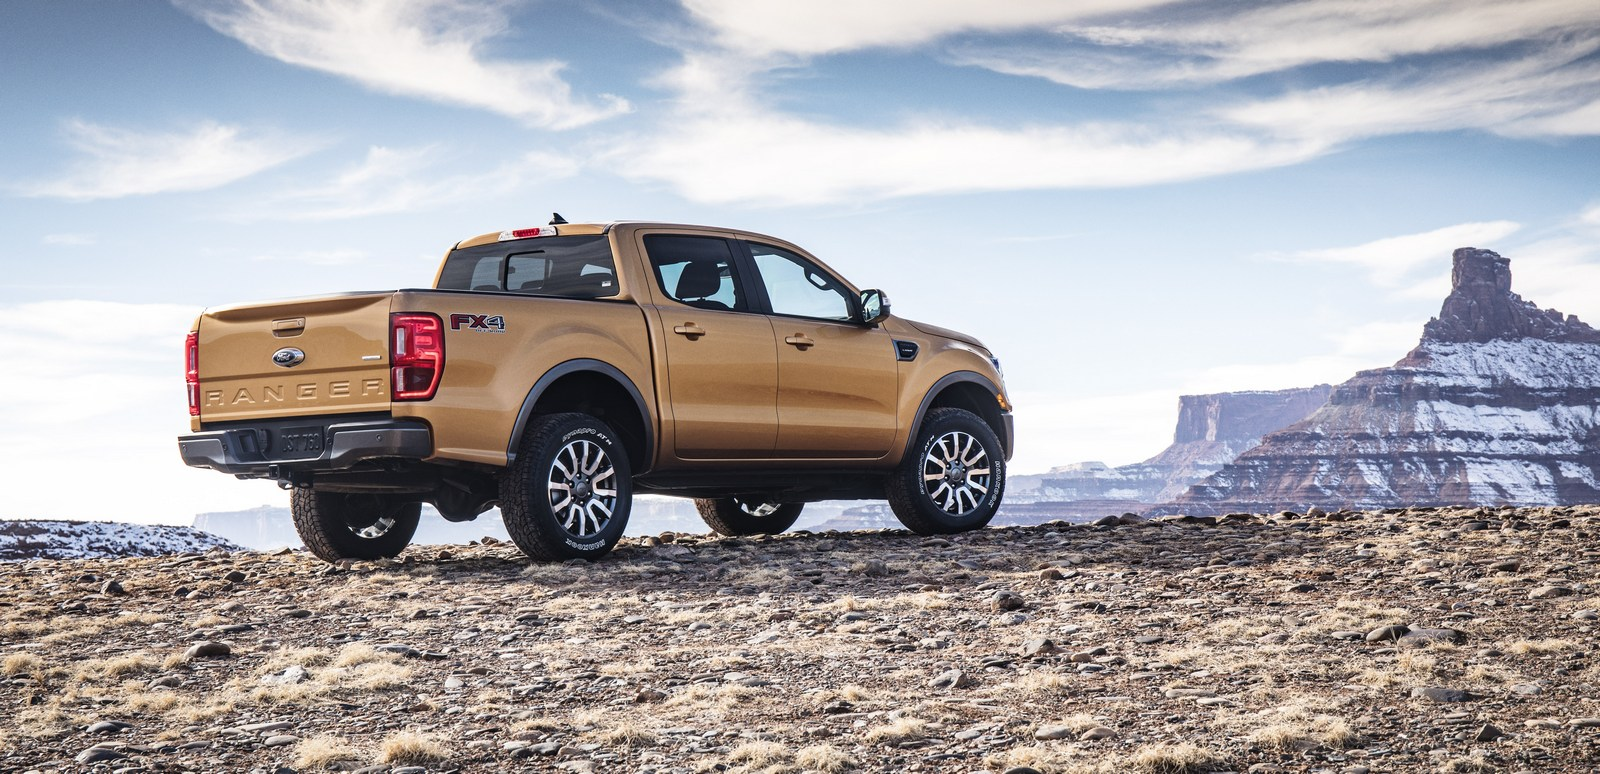 2019 ford ranger pickup truck revealed with 2 3 liter ecoboost engine autoevolution. Black Bedroom Furniture Sets. Home Design Ideas